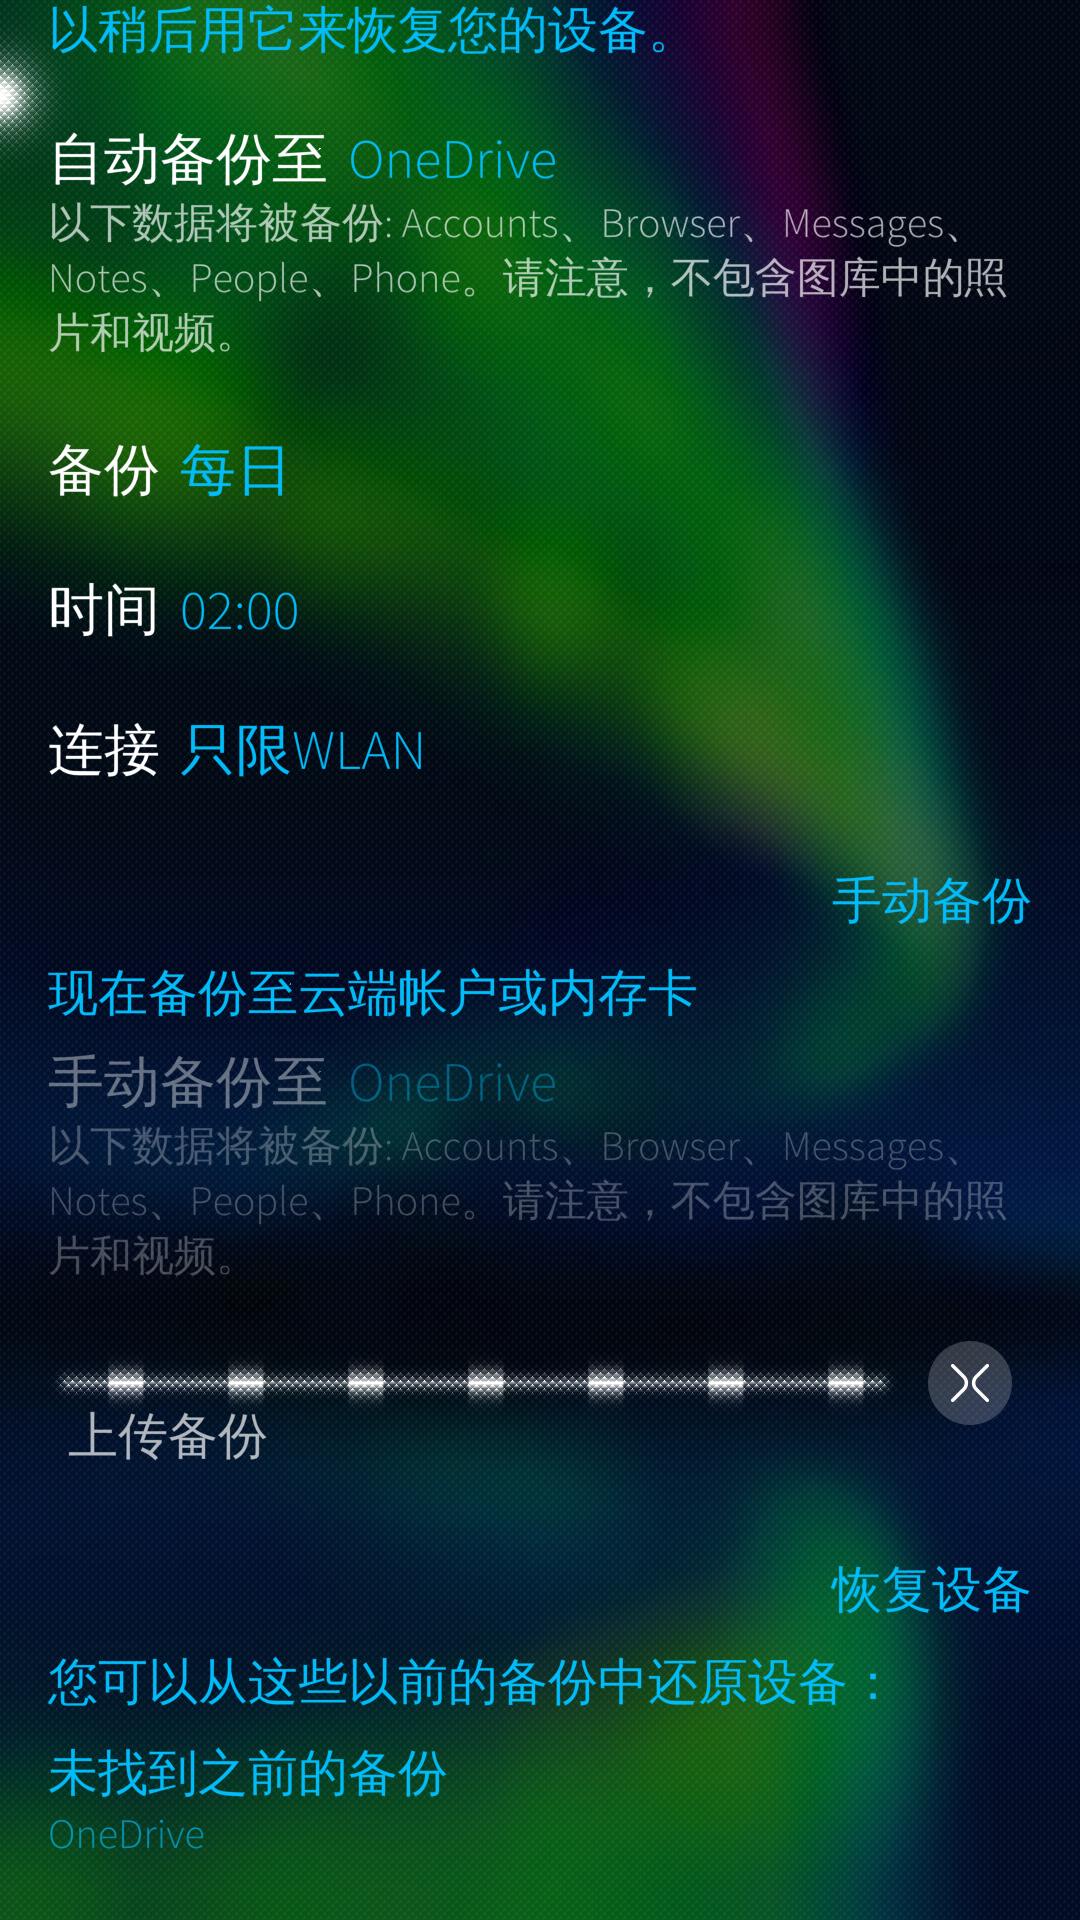 屏幕截图_20200929_002.png